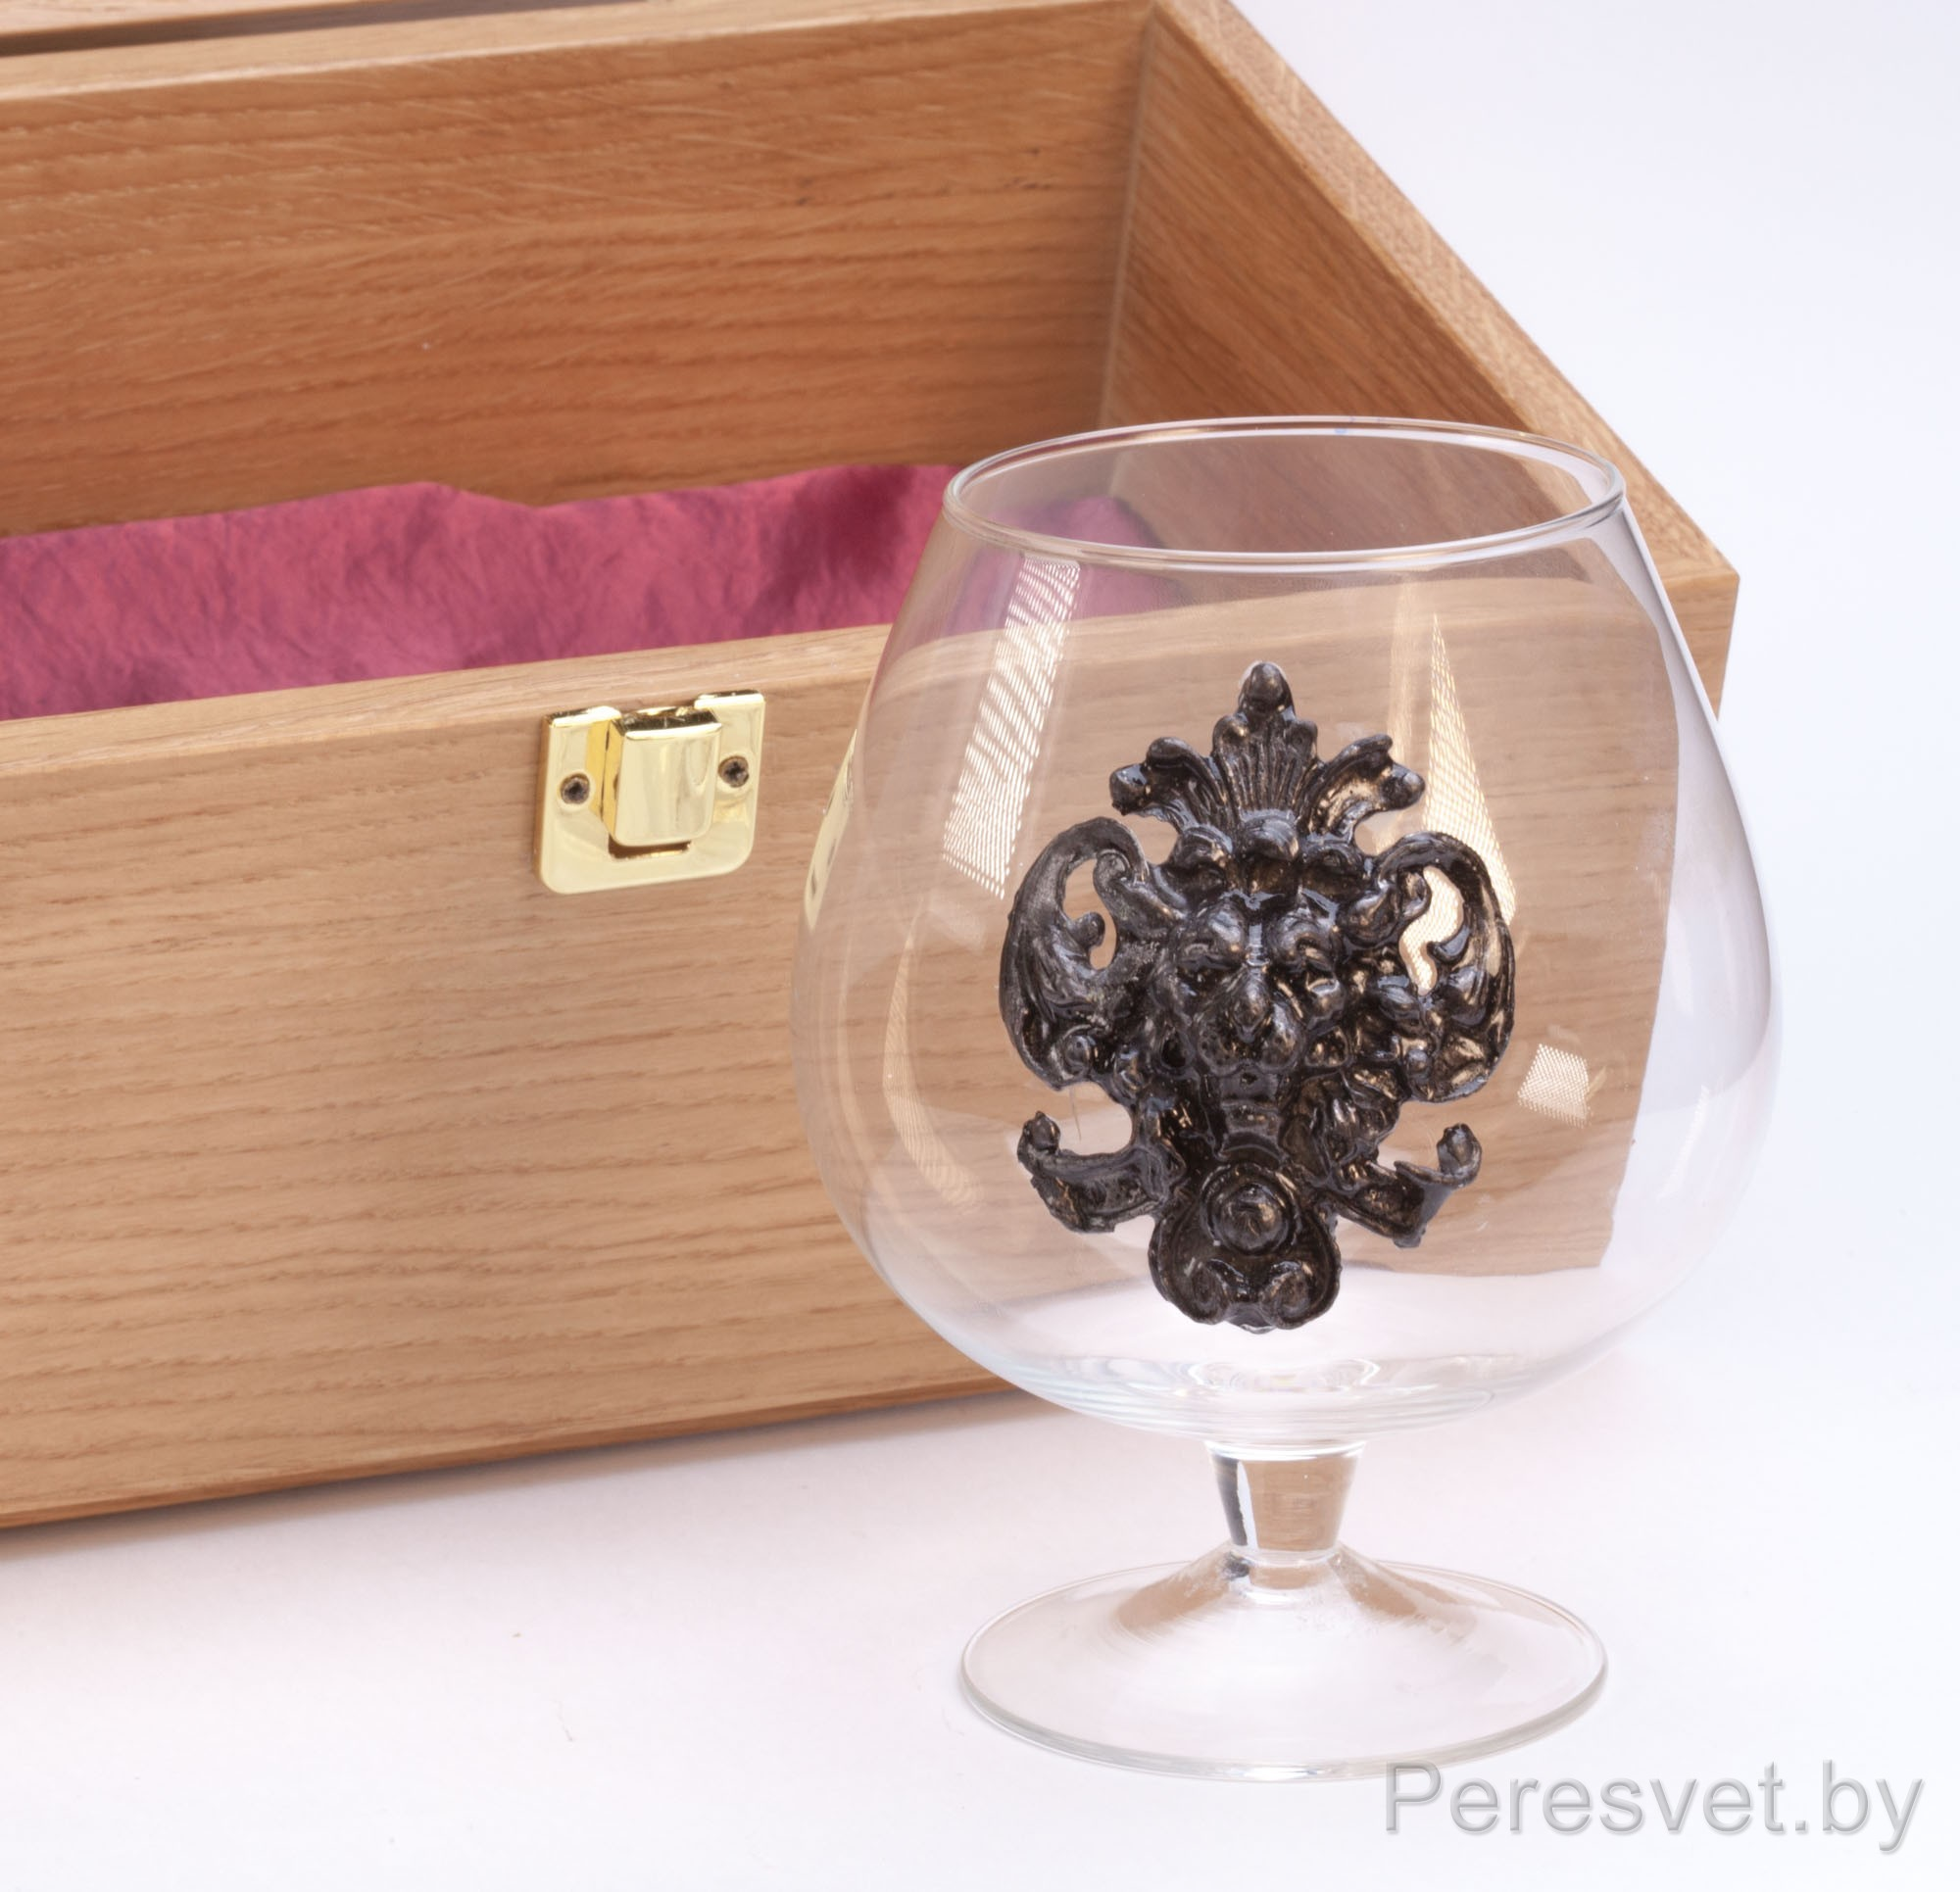 Подарочный набор бокалов для вина в дубовой упаковке Княгиня Бронза на peresvet.by